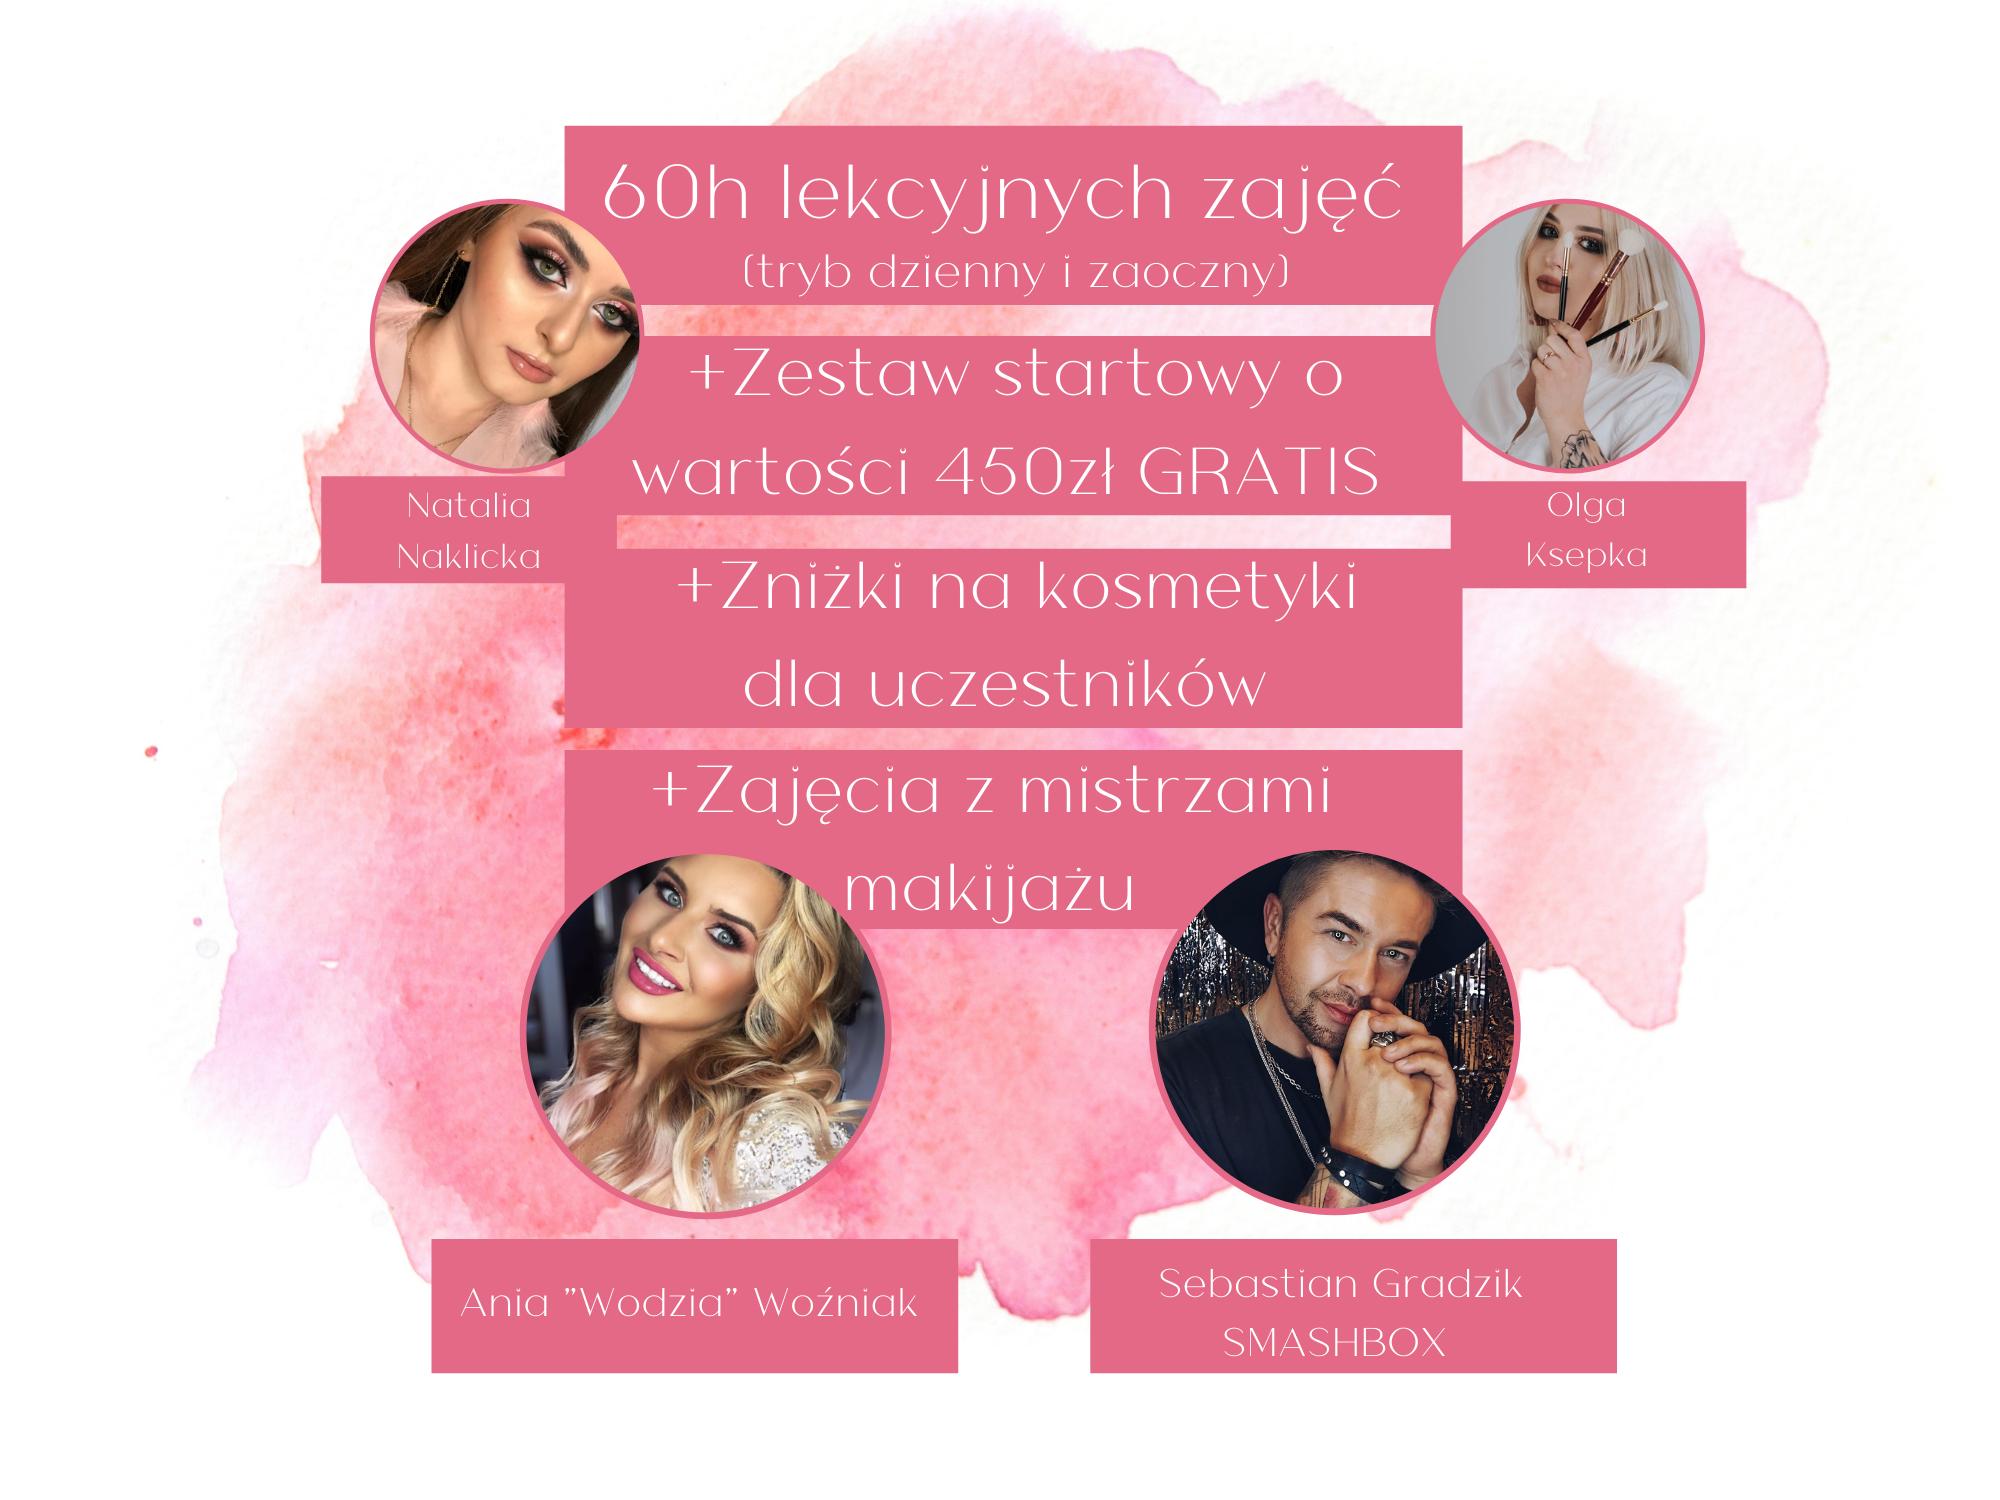 Intensywny kurs makijażu: edycja wiosenna (tryb dzienny)